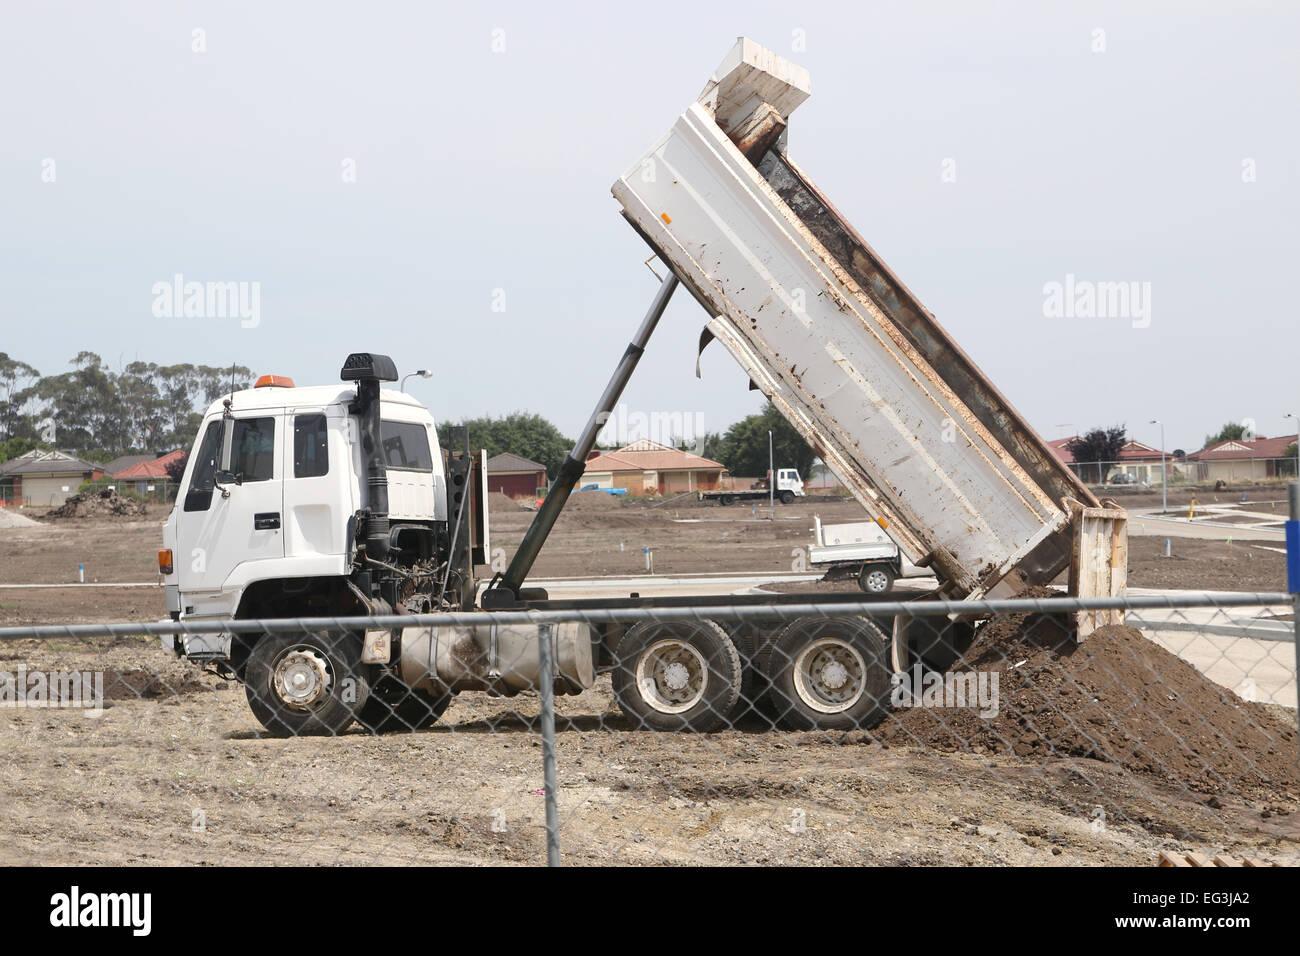 Truck dumping soil for new residential houses - Stock Image